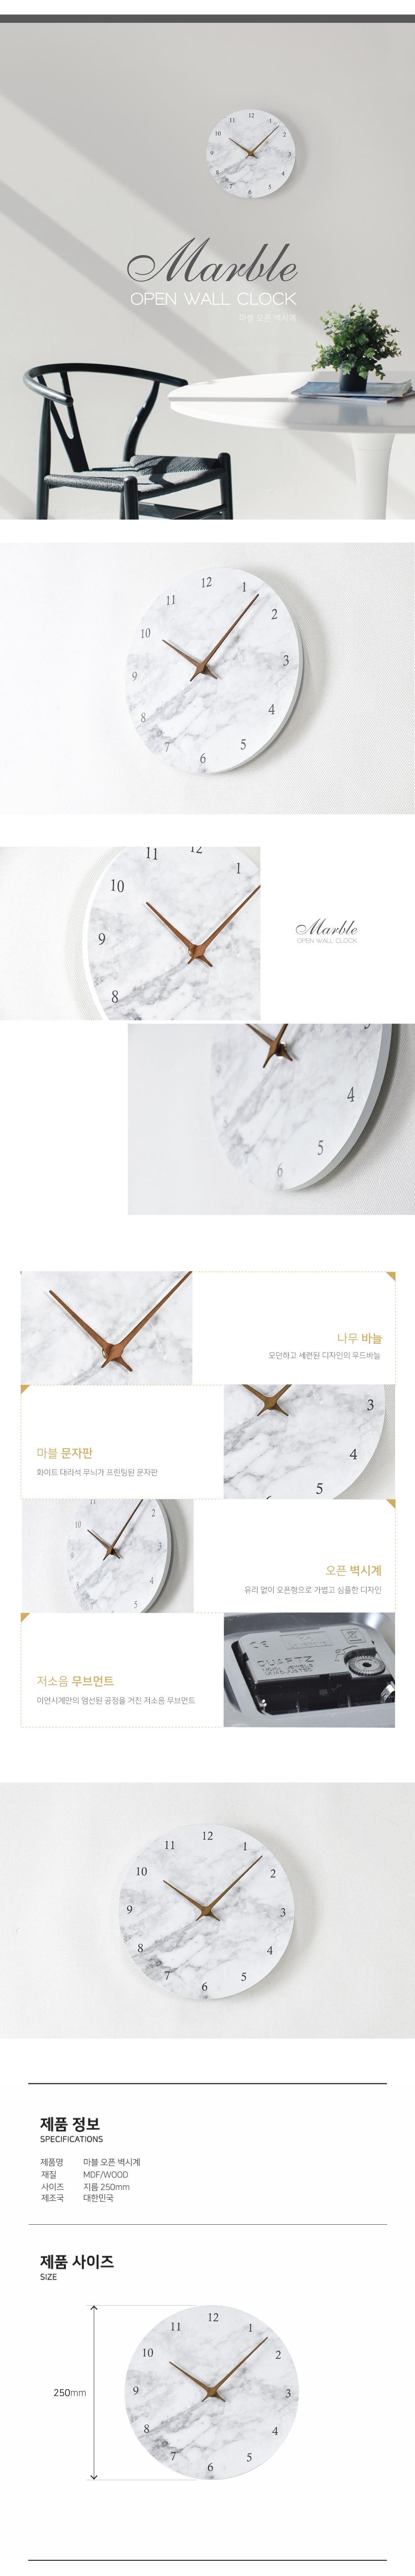 마블 오픈 벽시계21,000원-디자인 이언인테리어, 시계, 벽시계, 디자인바보사랑마블 오픈 벽시계21,000원-디자인 이언인테리어, 시계, 벽시계, 디자인바보사랑